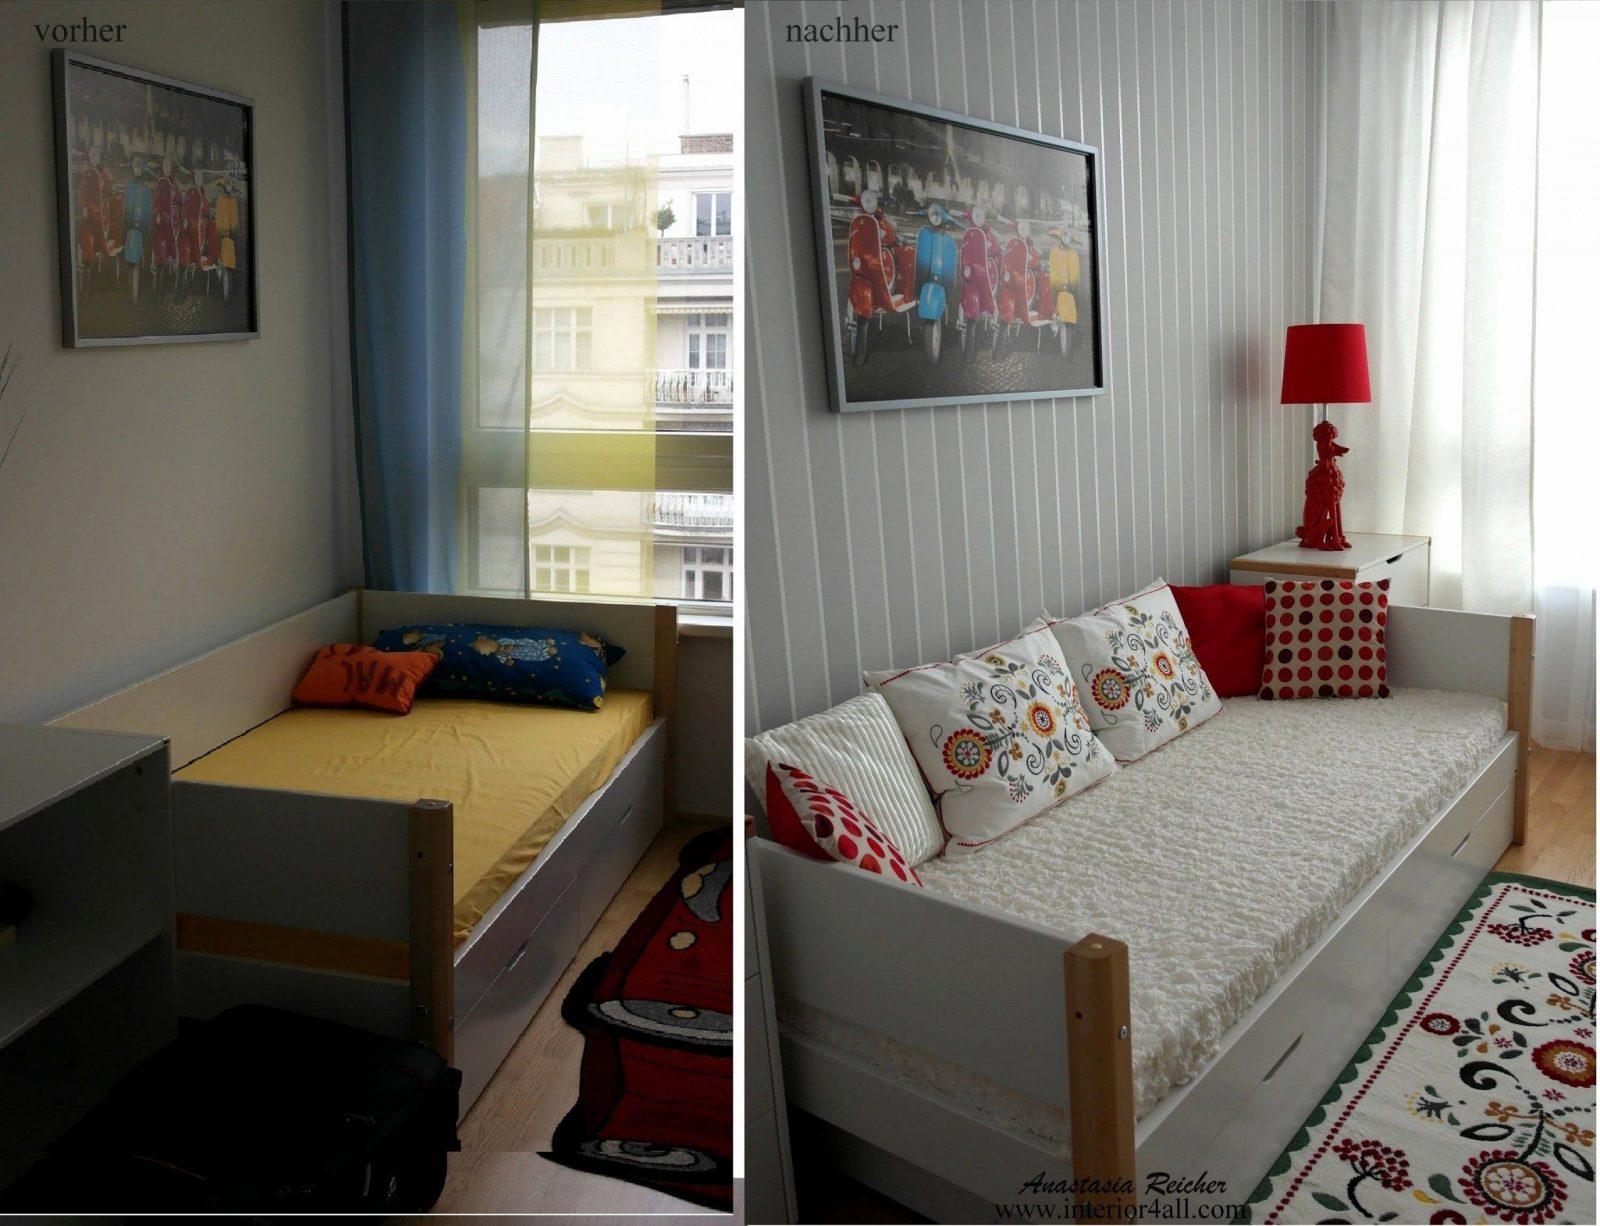 Kleine Kinderzimmer Einrichten Ikea  Codecafe von Kleines Kinderzimmer Einrichten Ikea Photo